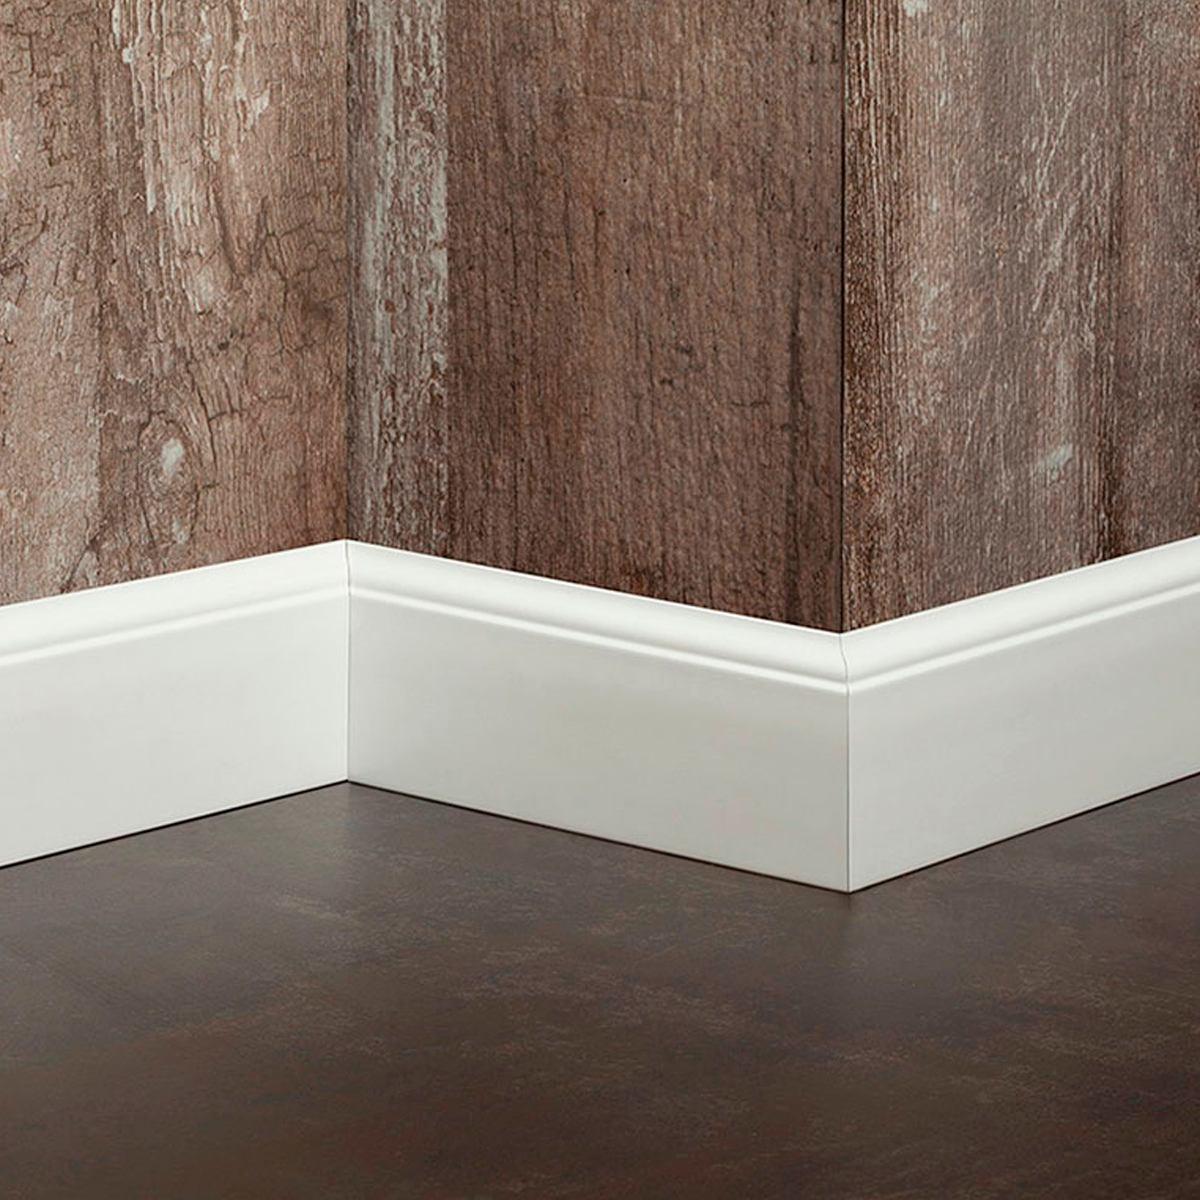 Zocalo eps curves cable canal ceramica piso porcelanato for Zocalos de ceramica